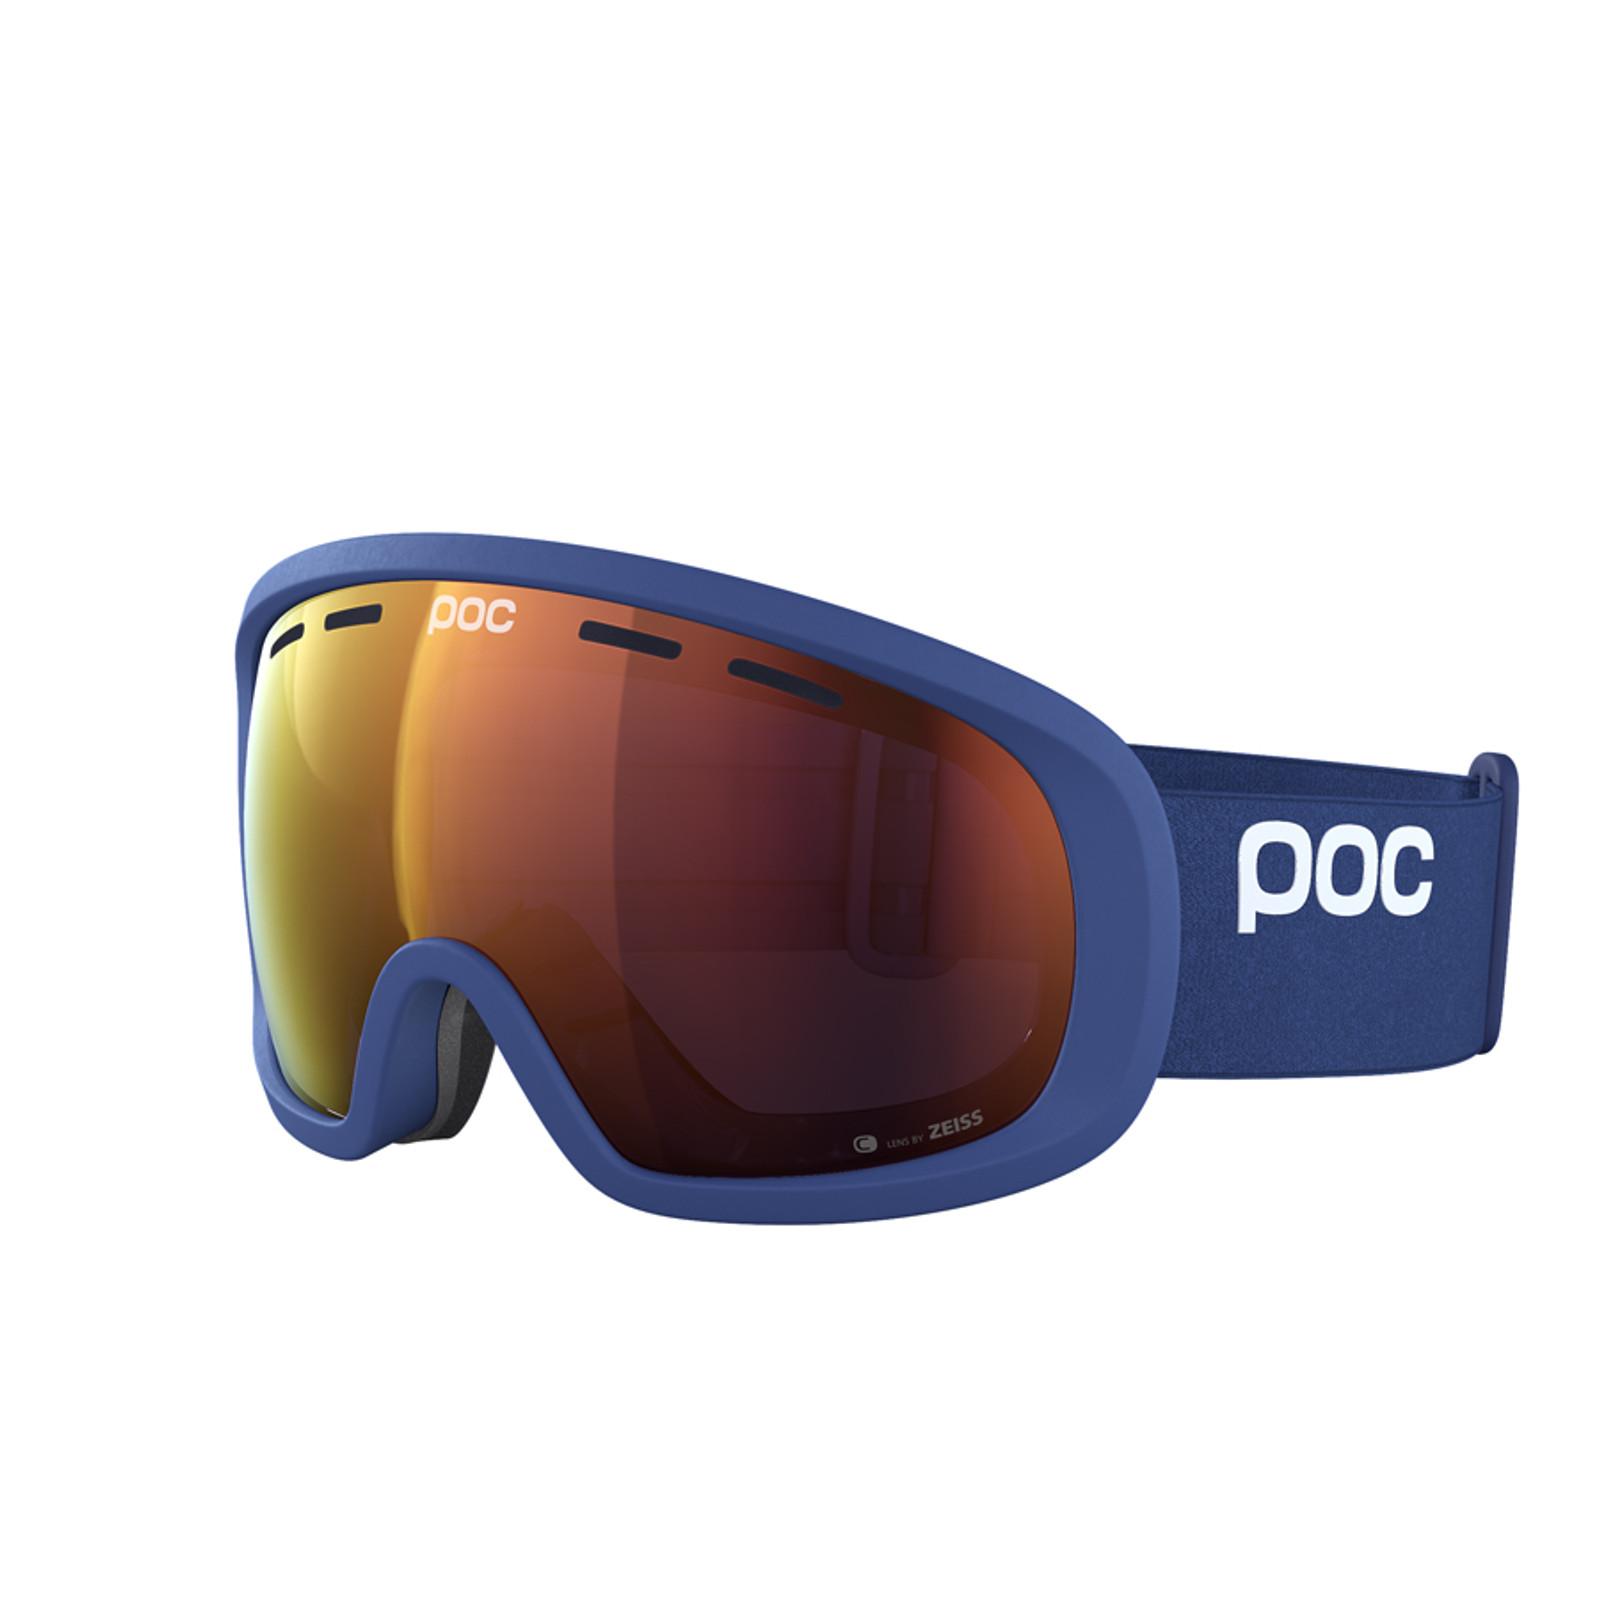 POC Fovea MID Clarity Comp Goggle